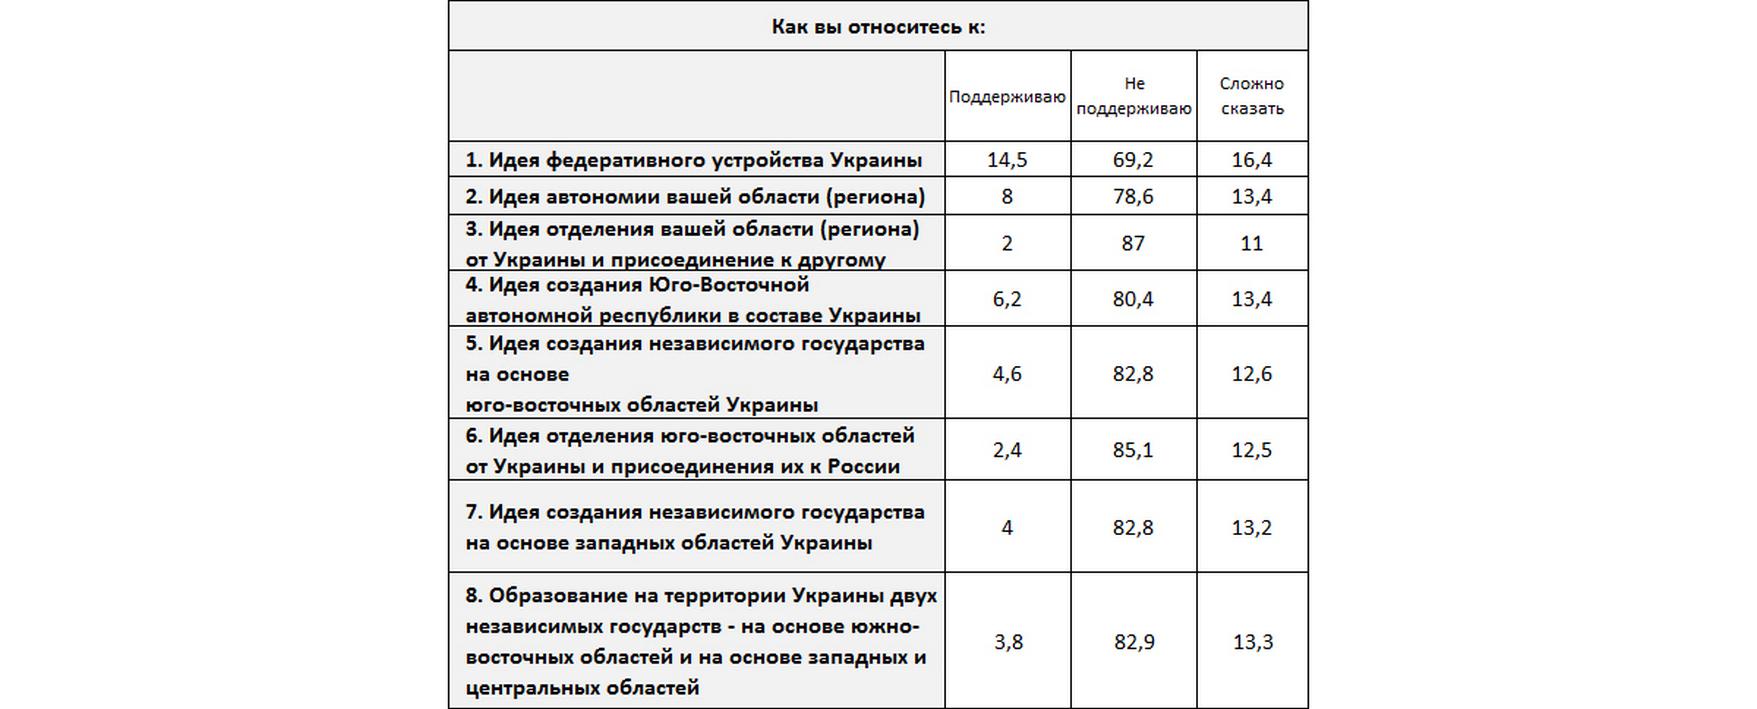 Источник: Центр Разумкова